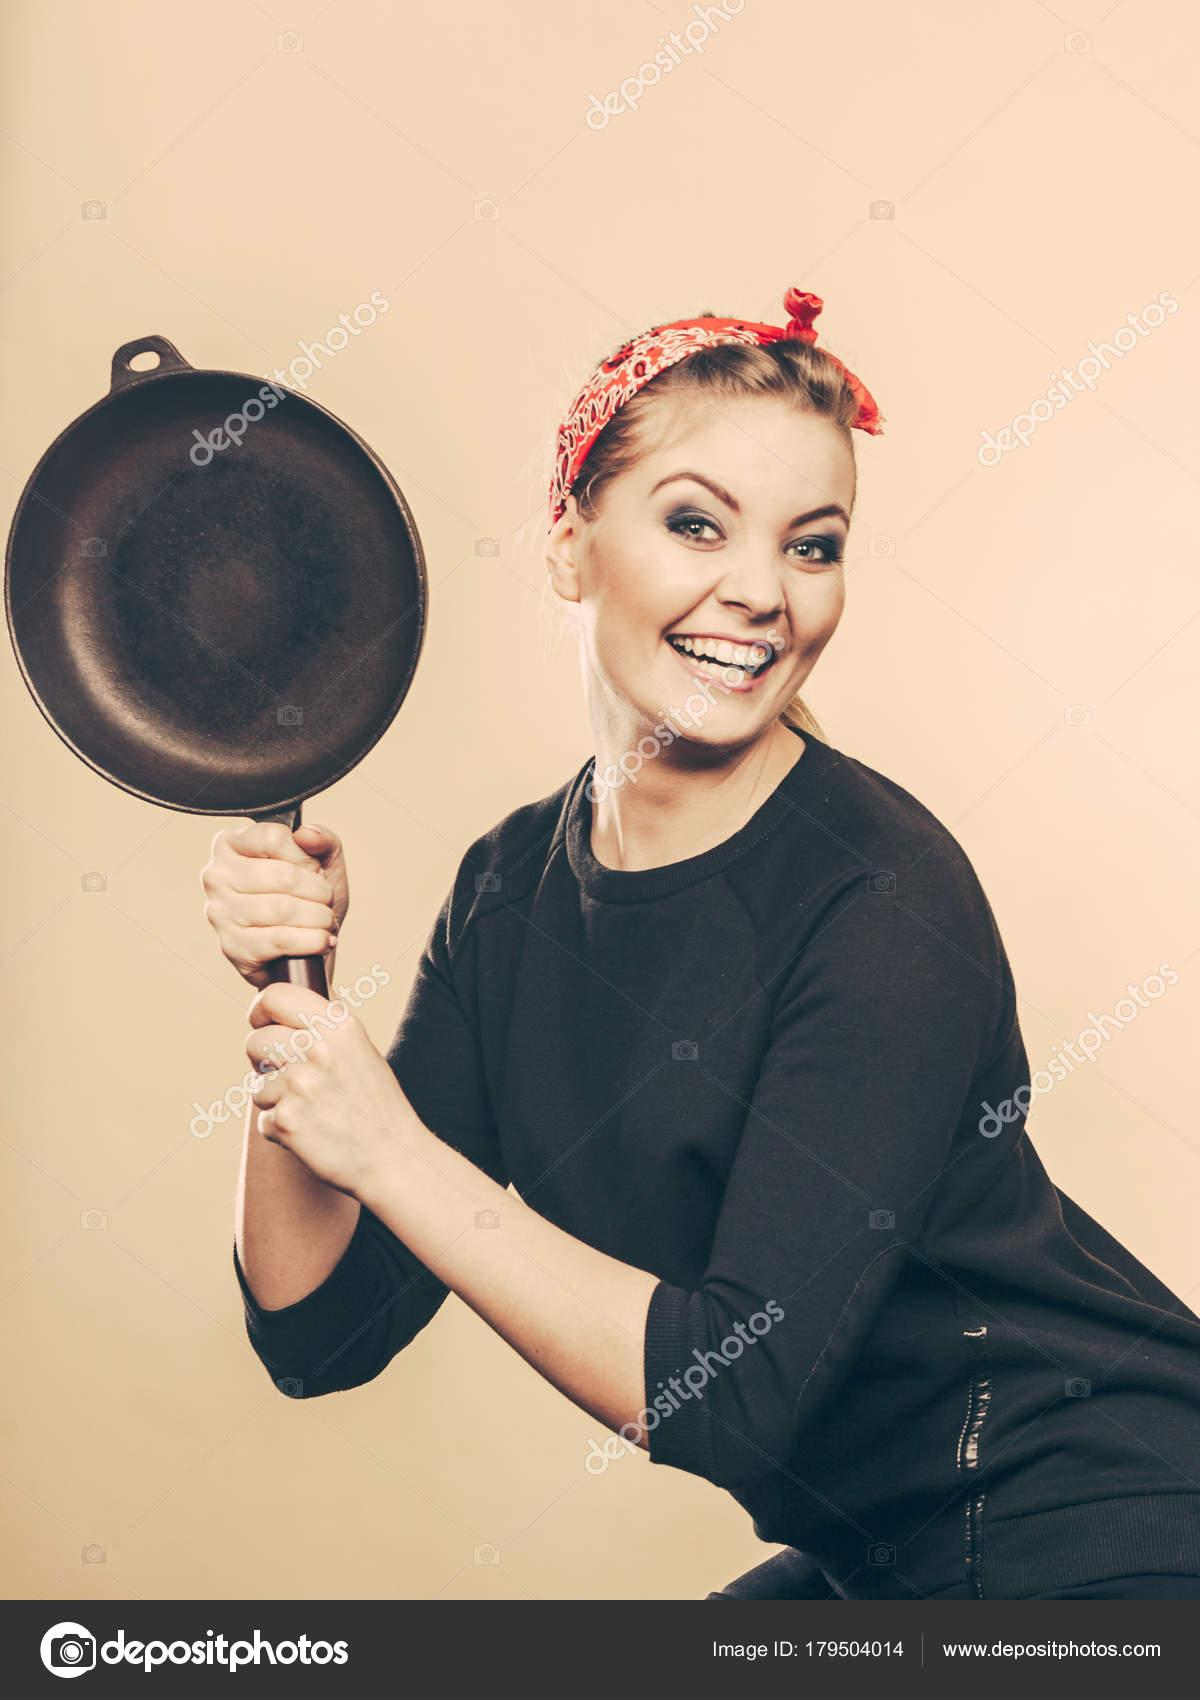 femme s'amuser avec des accessoires de cuisine de style rétro